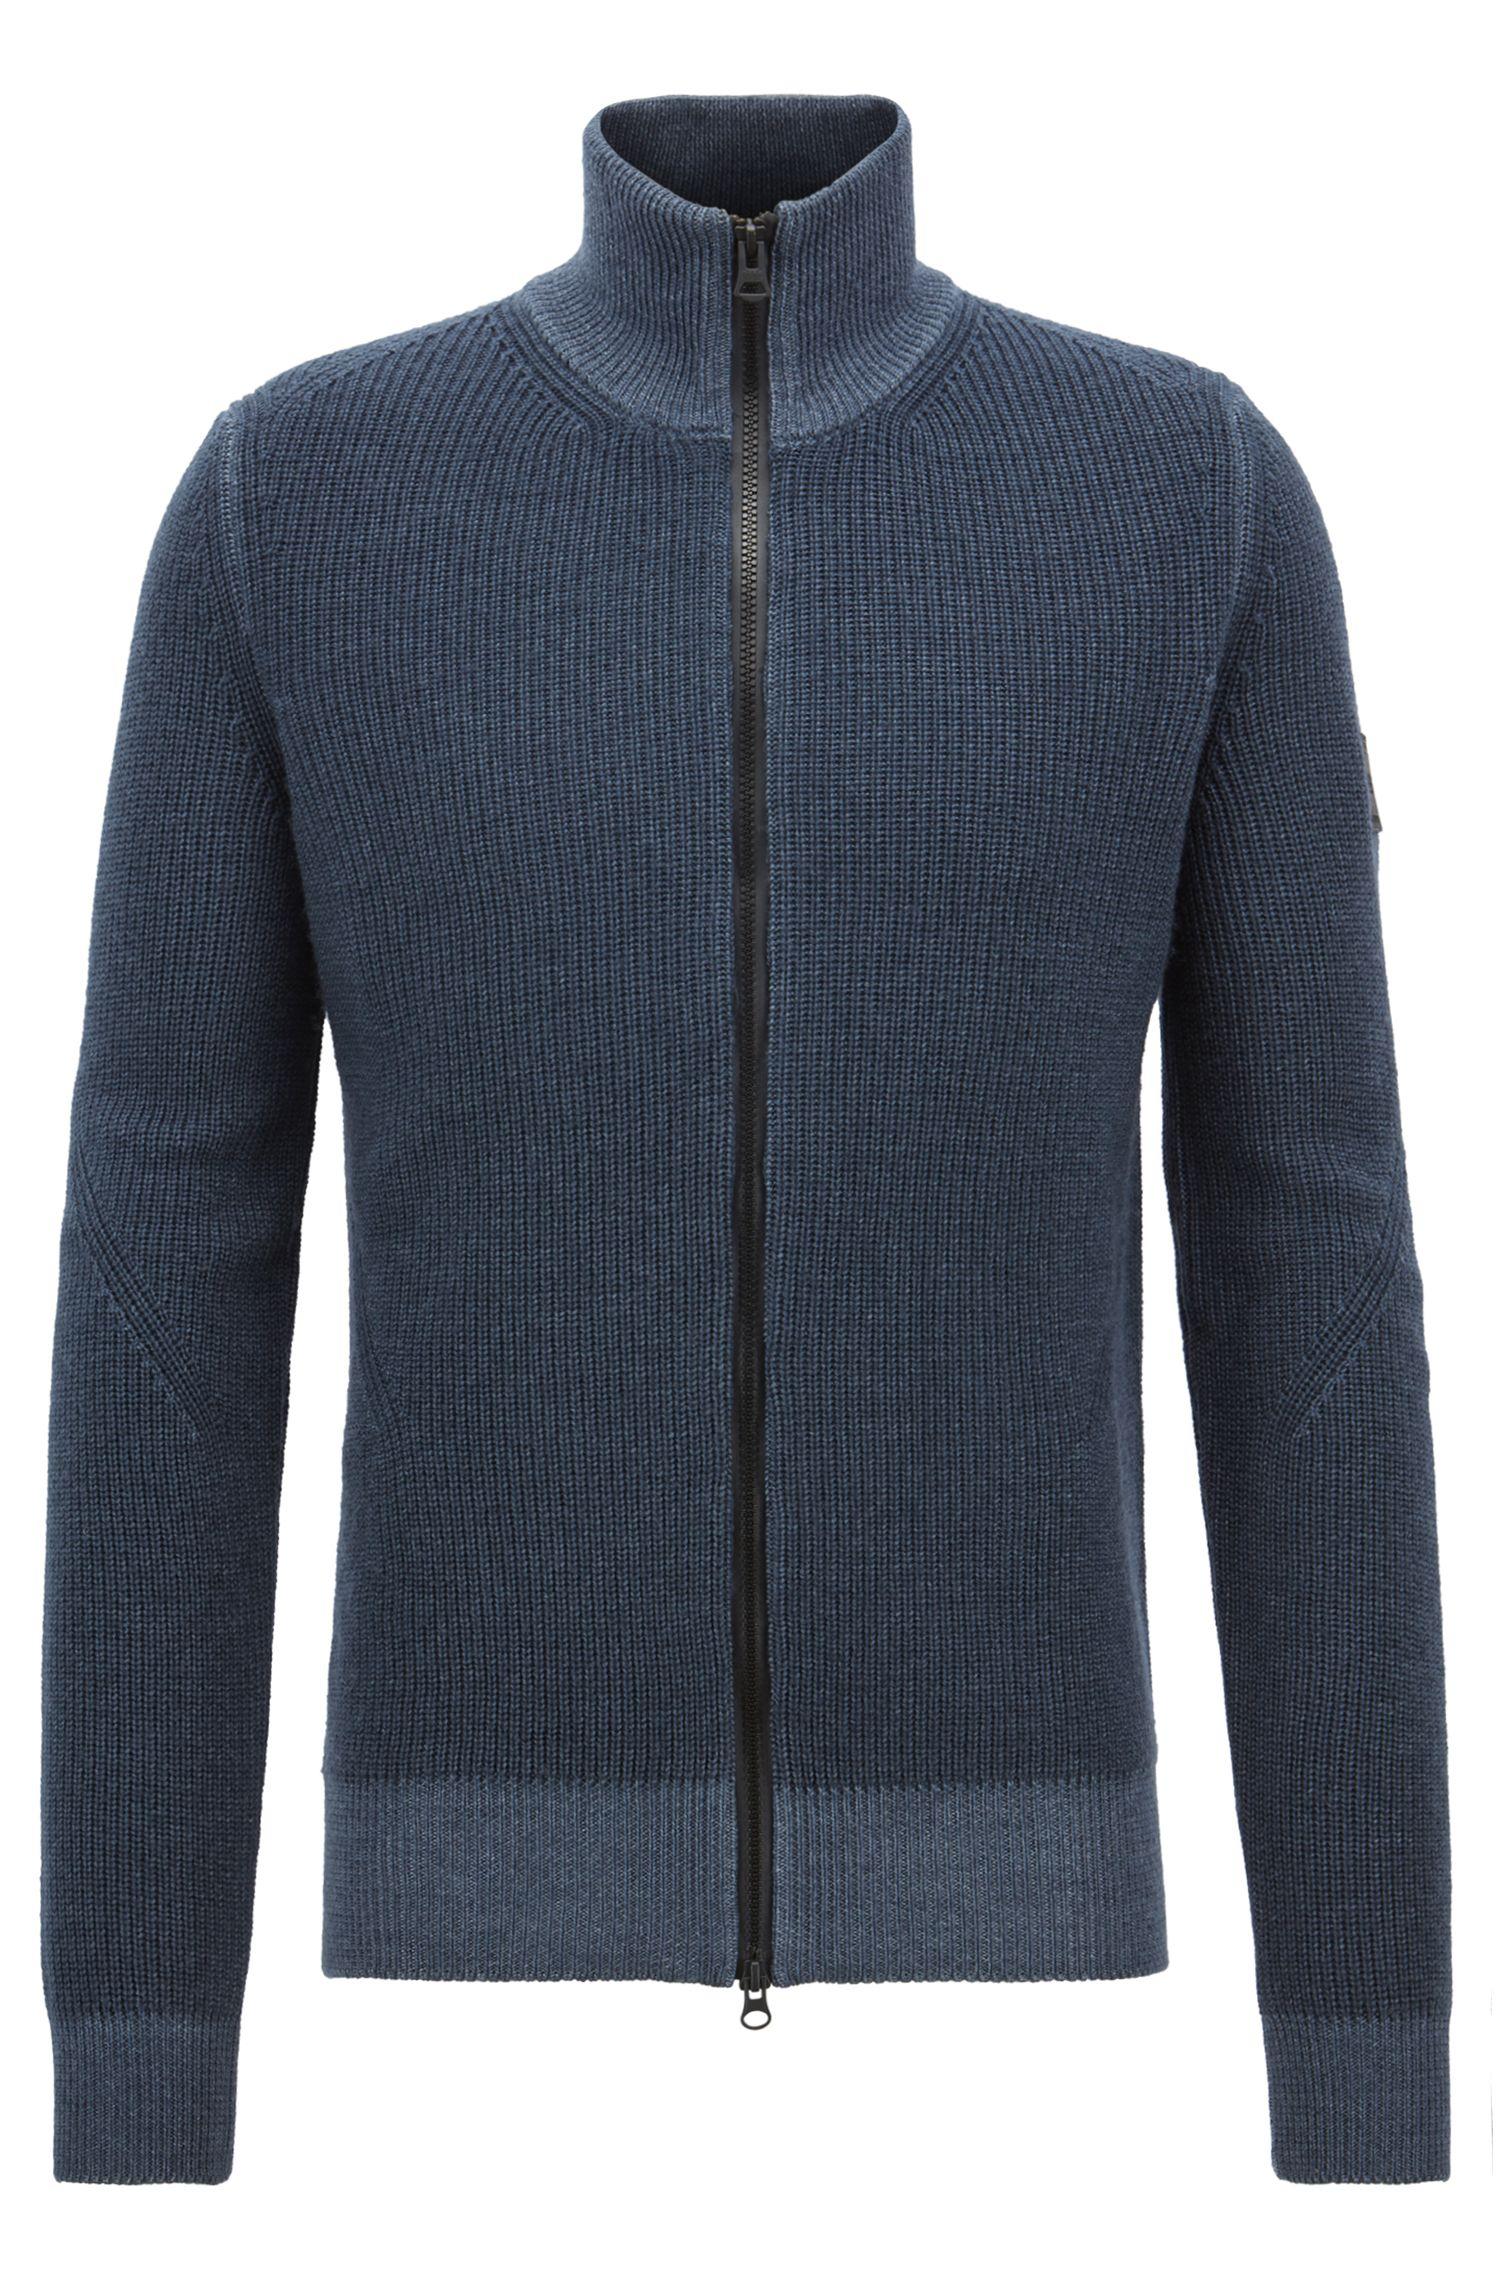 Veste en maille, en laine vierge avec fermeture éclair à double curseur, Bleu foncé